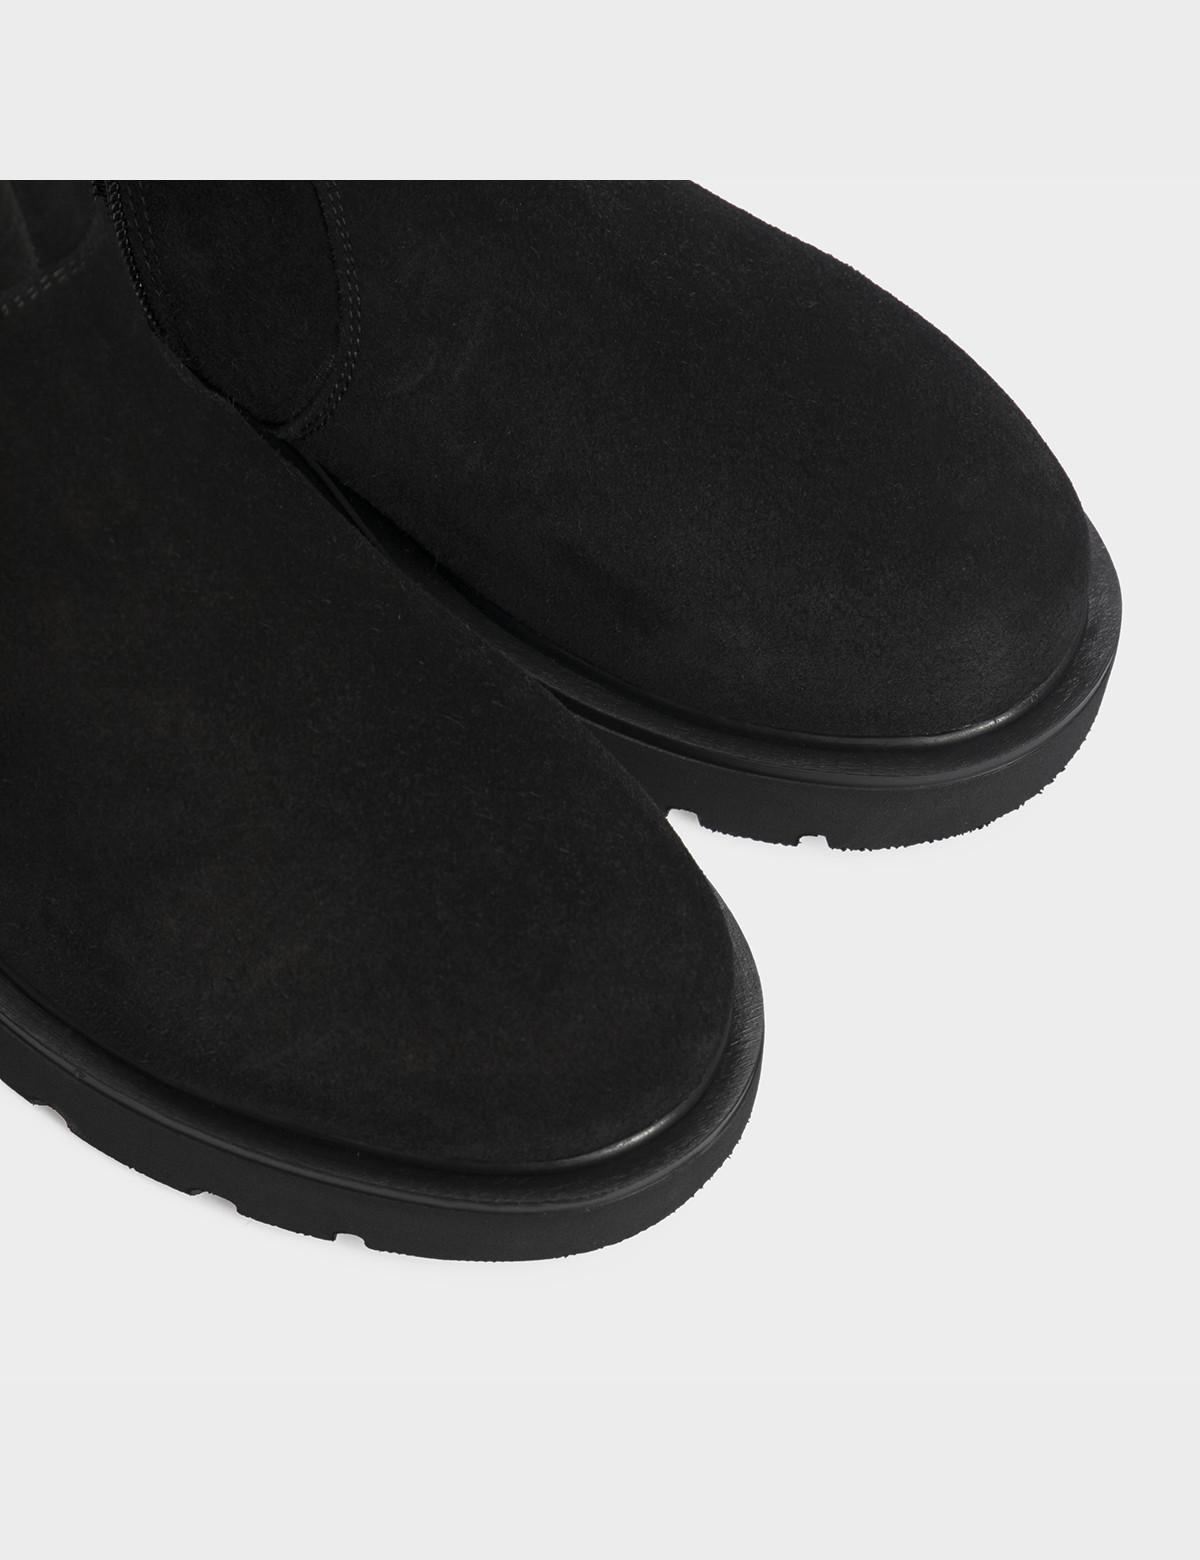 Ботинки черные натуральная замша/кожа. Шерсть4